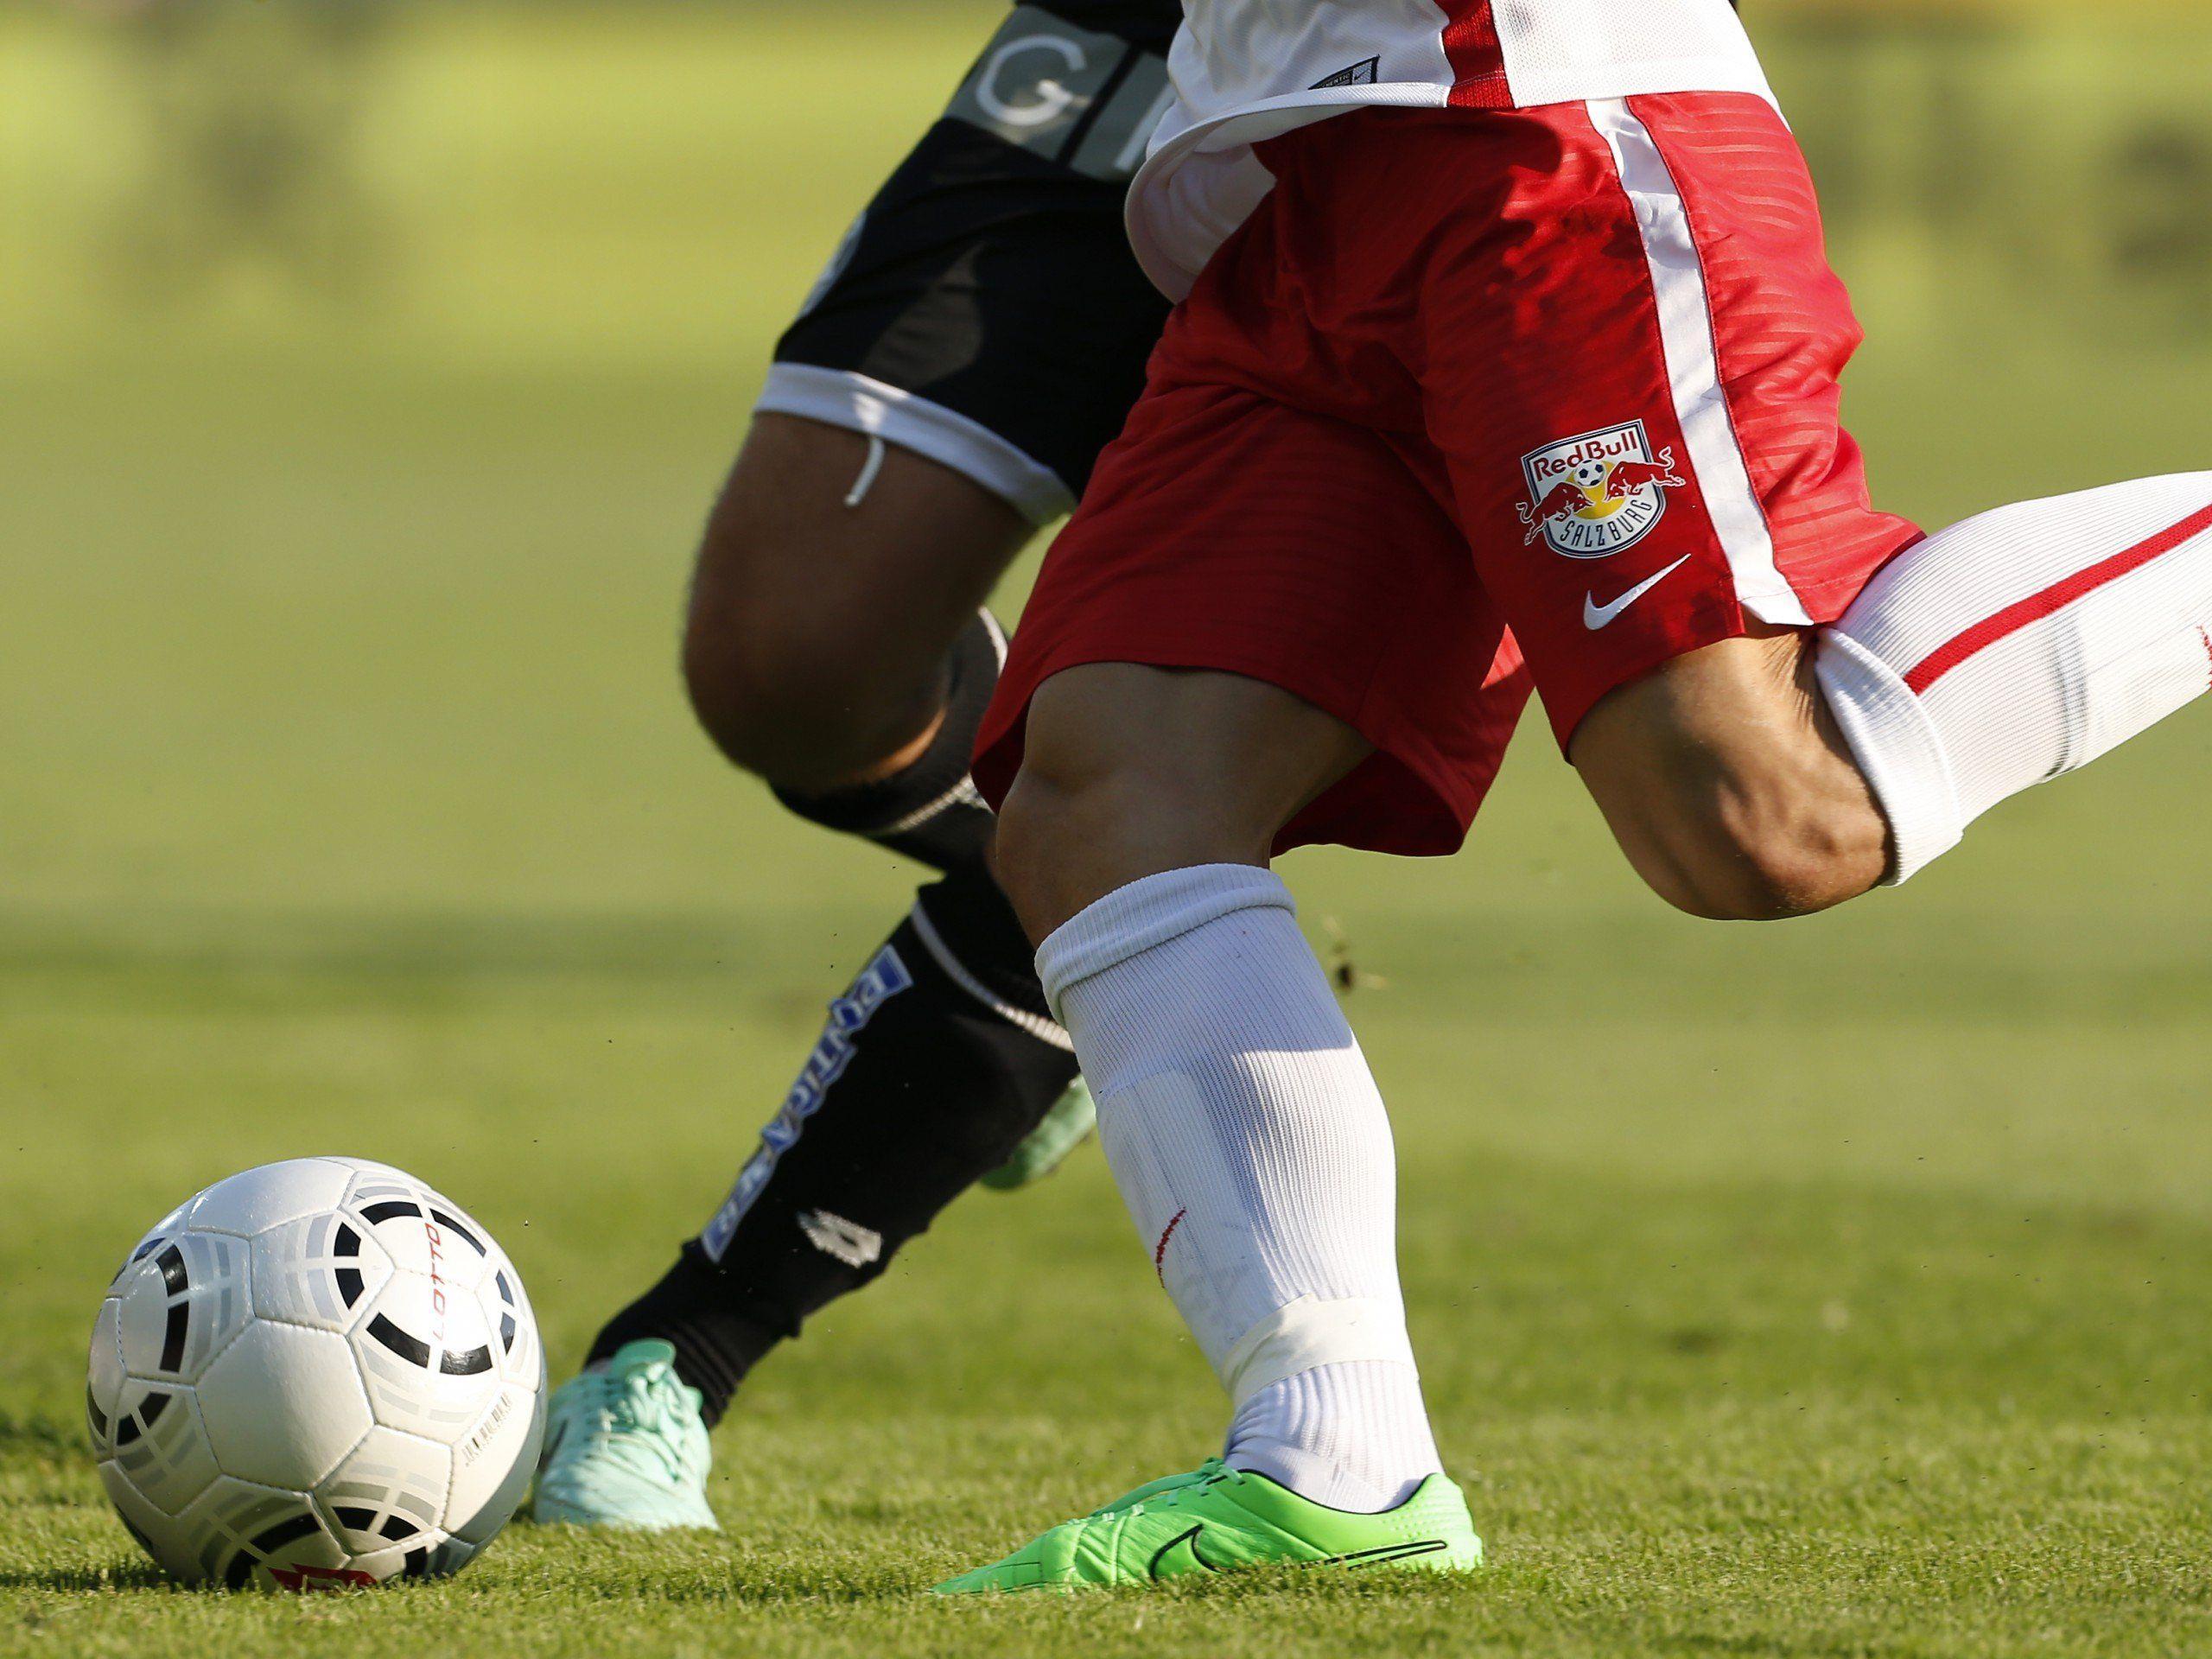 LIVE-Ticker zum Spiel Red Bull Salzburg gegen SV Grödig ab 18.30 Uhr.